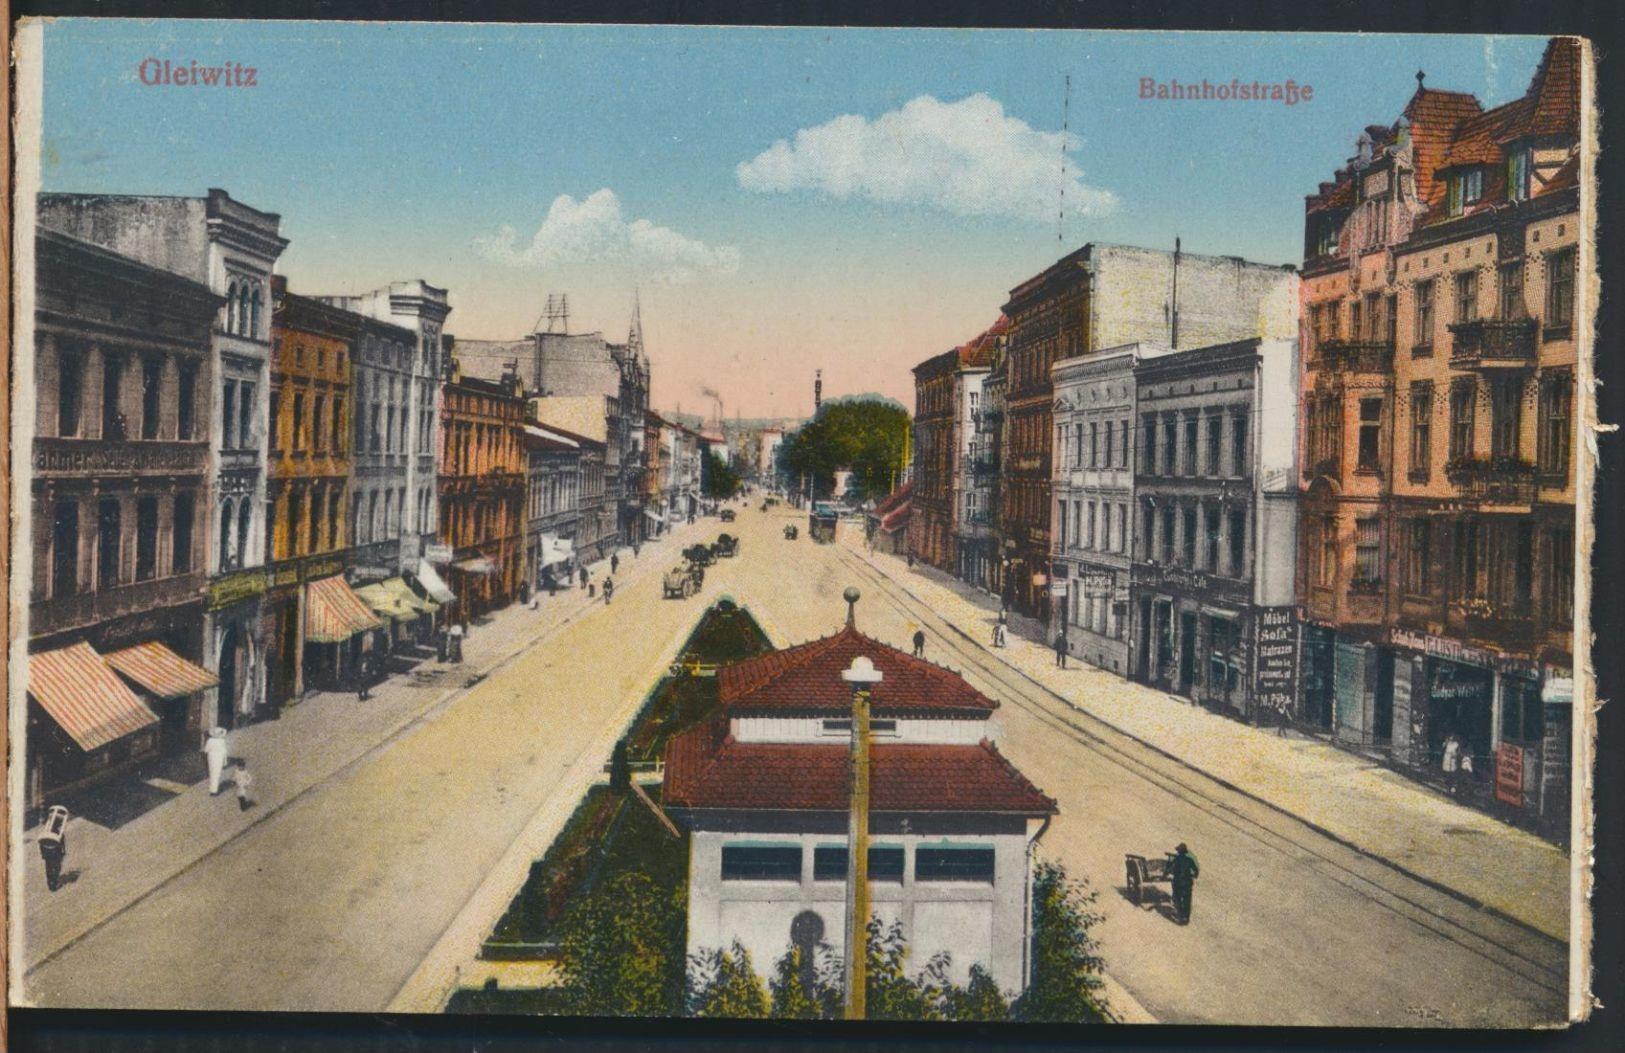 °°° 5041 - GERMANY - GLEIWITZ - BAHNHOFSTRASSE °°° - Schlesien